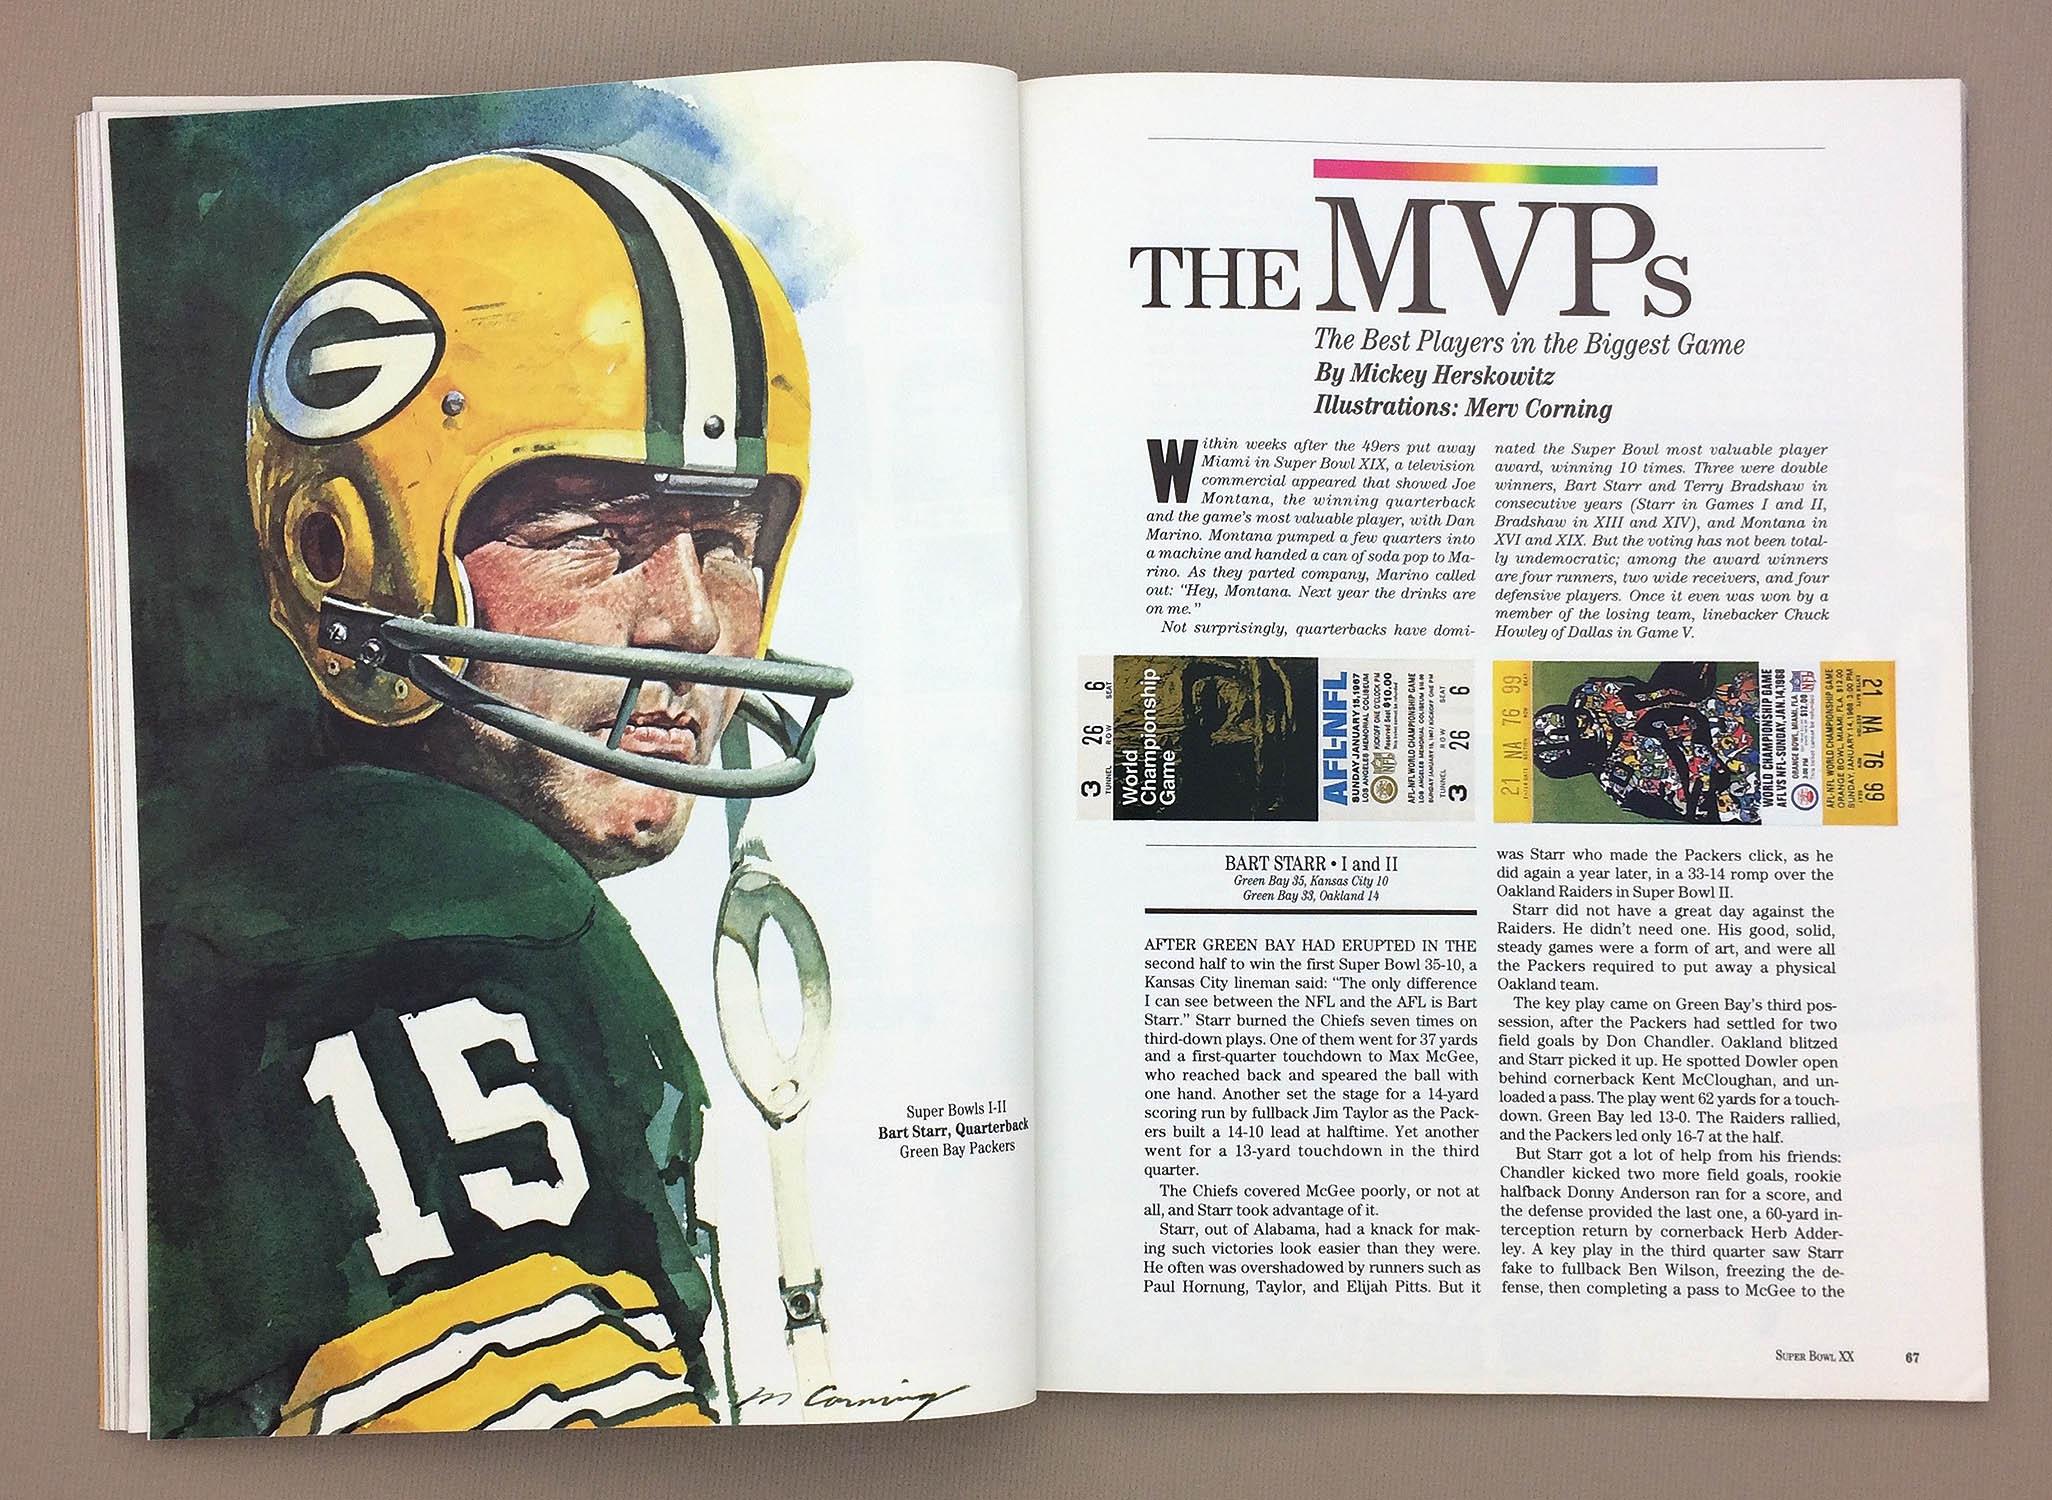 Super Bowl MVP Bart Starr